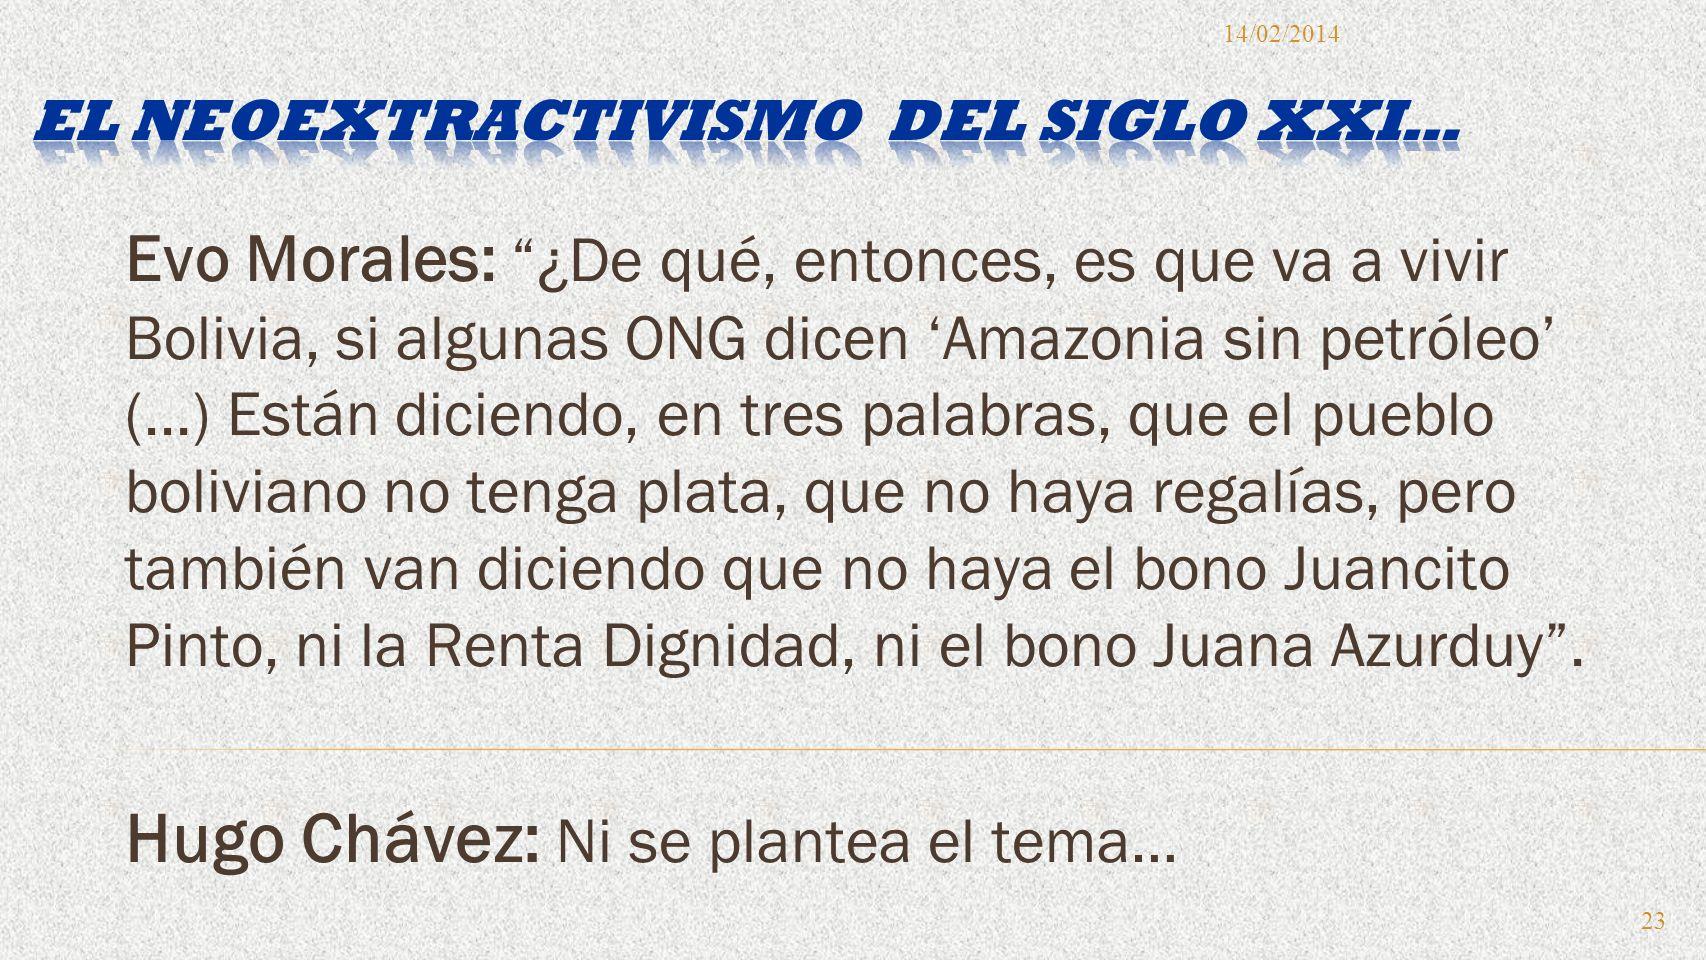 Evo Morales: ¿De qué, entonces, es que va a vivir Bolivia, si algunas ONG dicen Amazonia sin petróleo (...) Están diciendo, en tres palabras, que el pueblo boliviano no tenga plata, que no haya regalías, pero también van diciendo que no haya el bono Juancito Pinto, ni la Renta Dignidad, ni el bono Juana Azurduy.